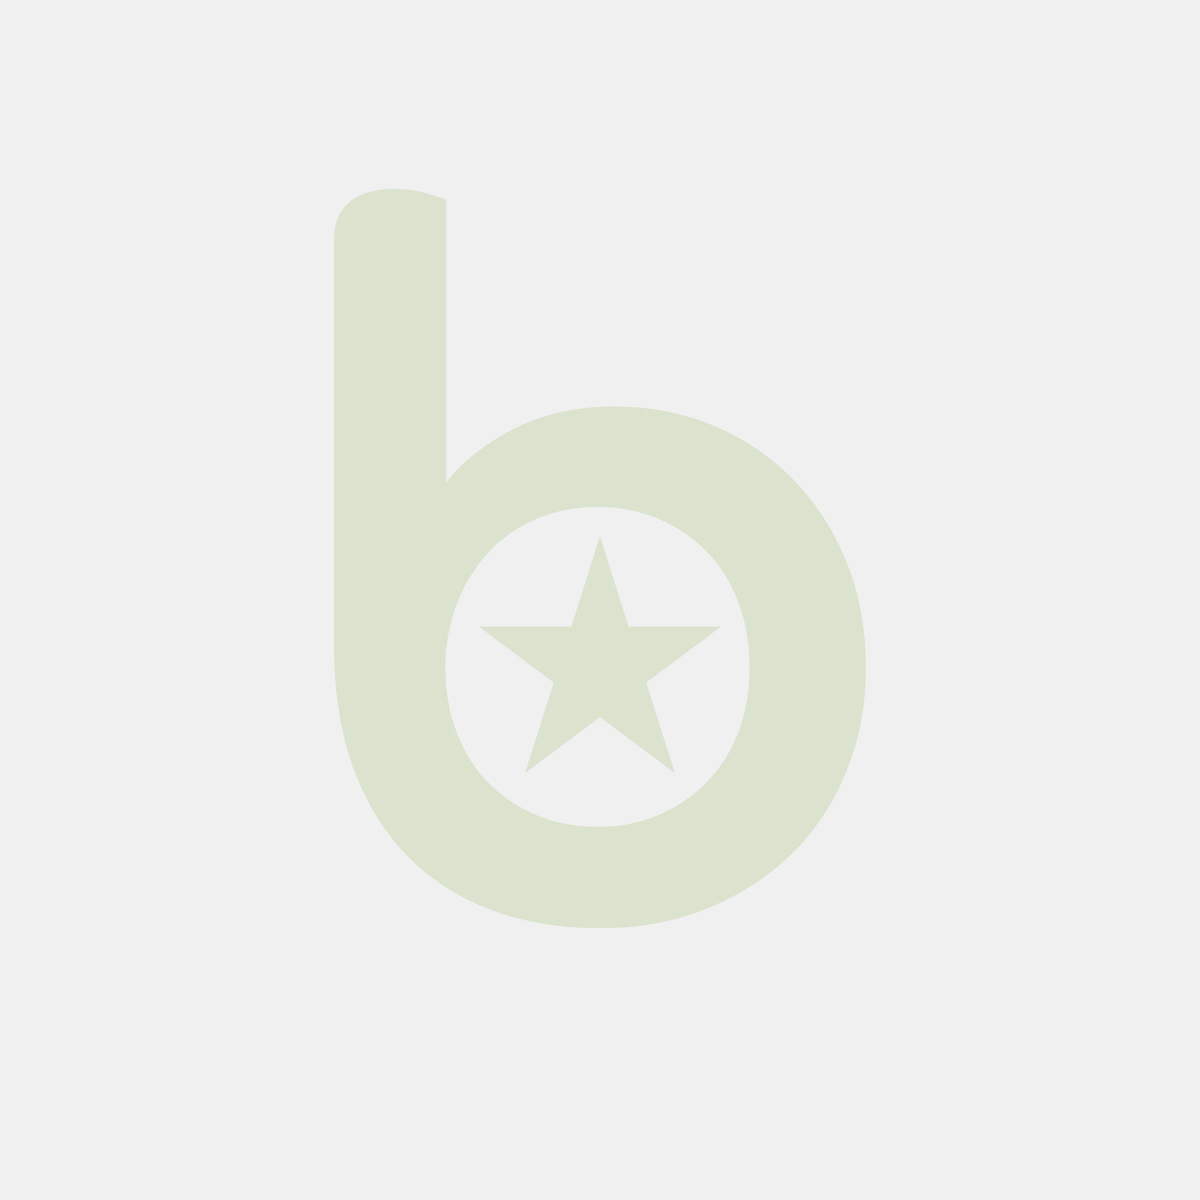 Nóż do obierania cytrusów - kod 856055